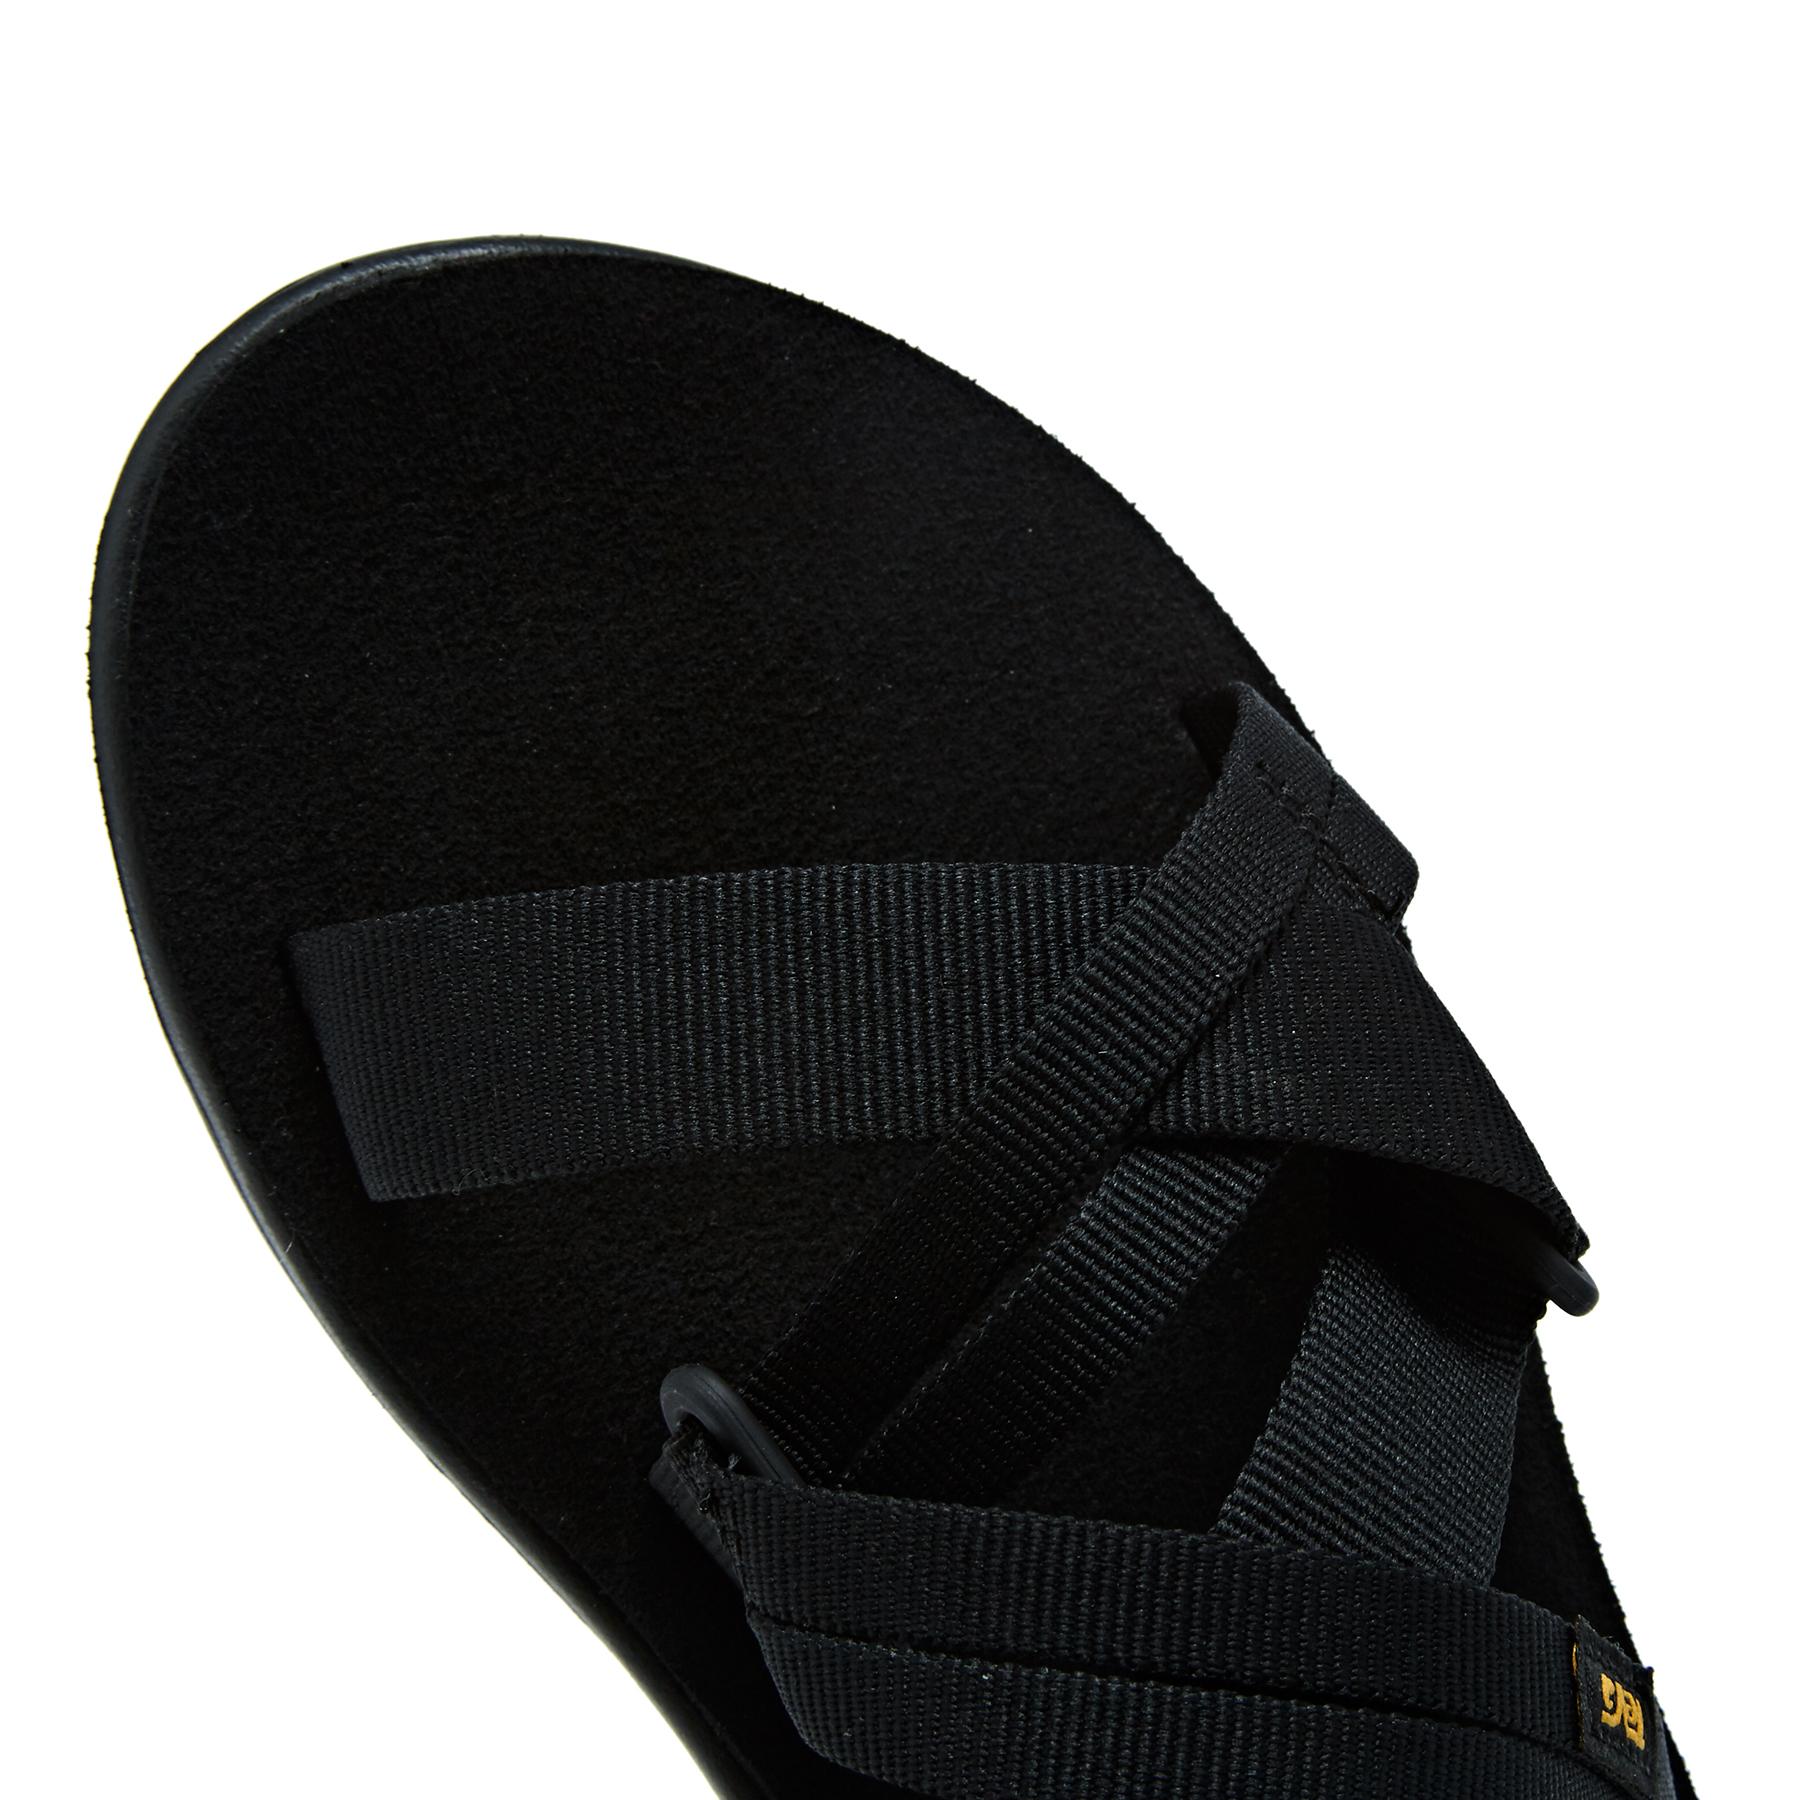 Teva Voya Sliders beschikbaar bij Surfdome